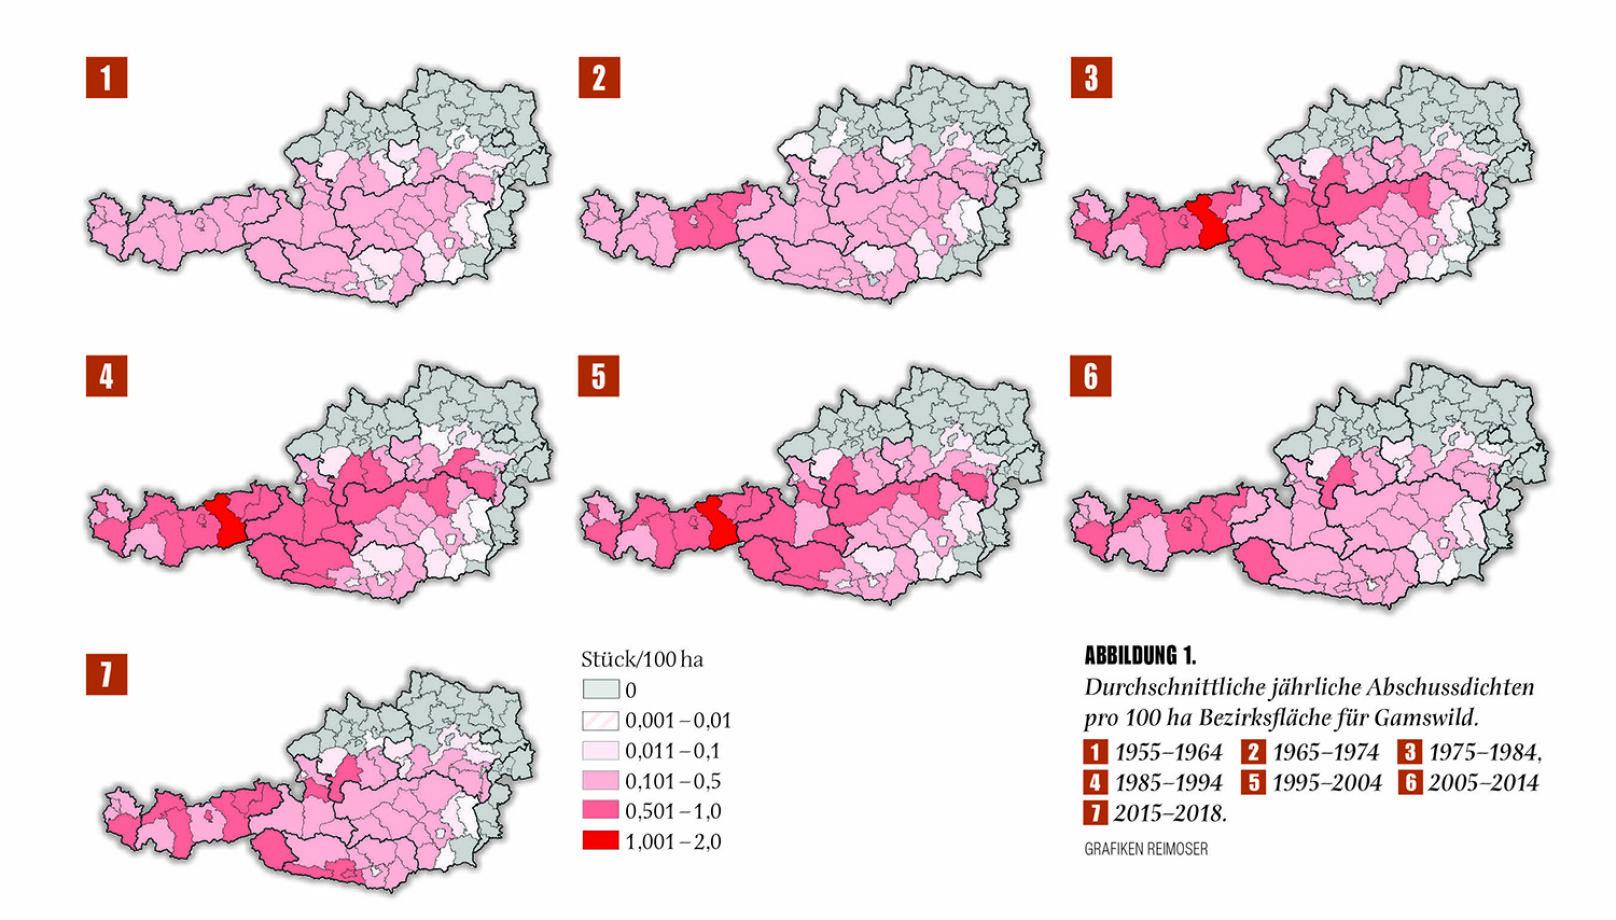 Abbildung 1 - Durchschnittliche jährliche Abschussdichten pro 100 ha Bezirksfläche für Gamswild. - © Grafik Reimoser